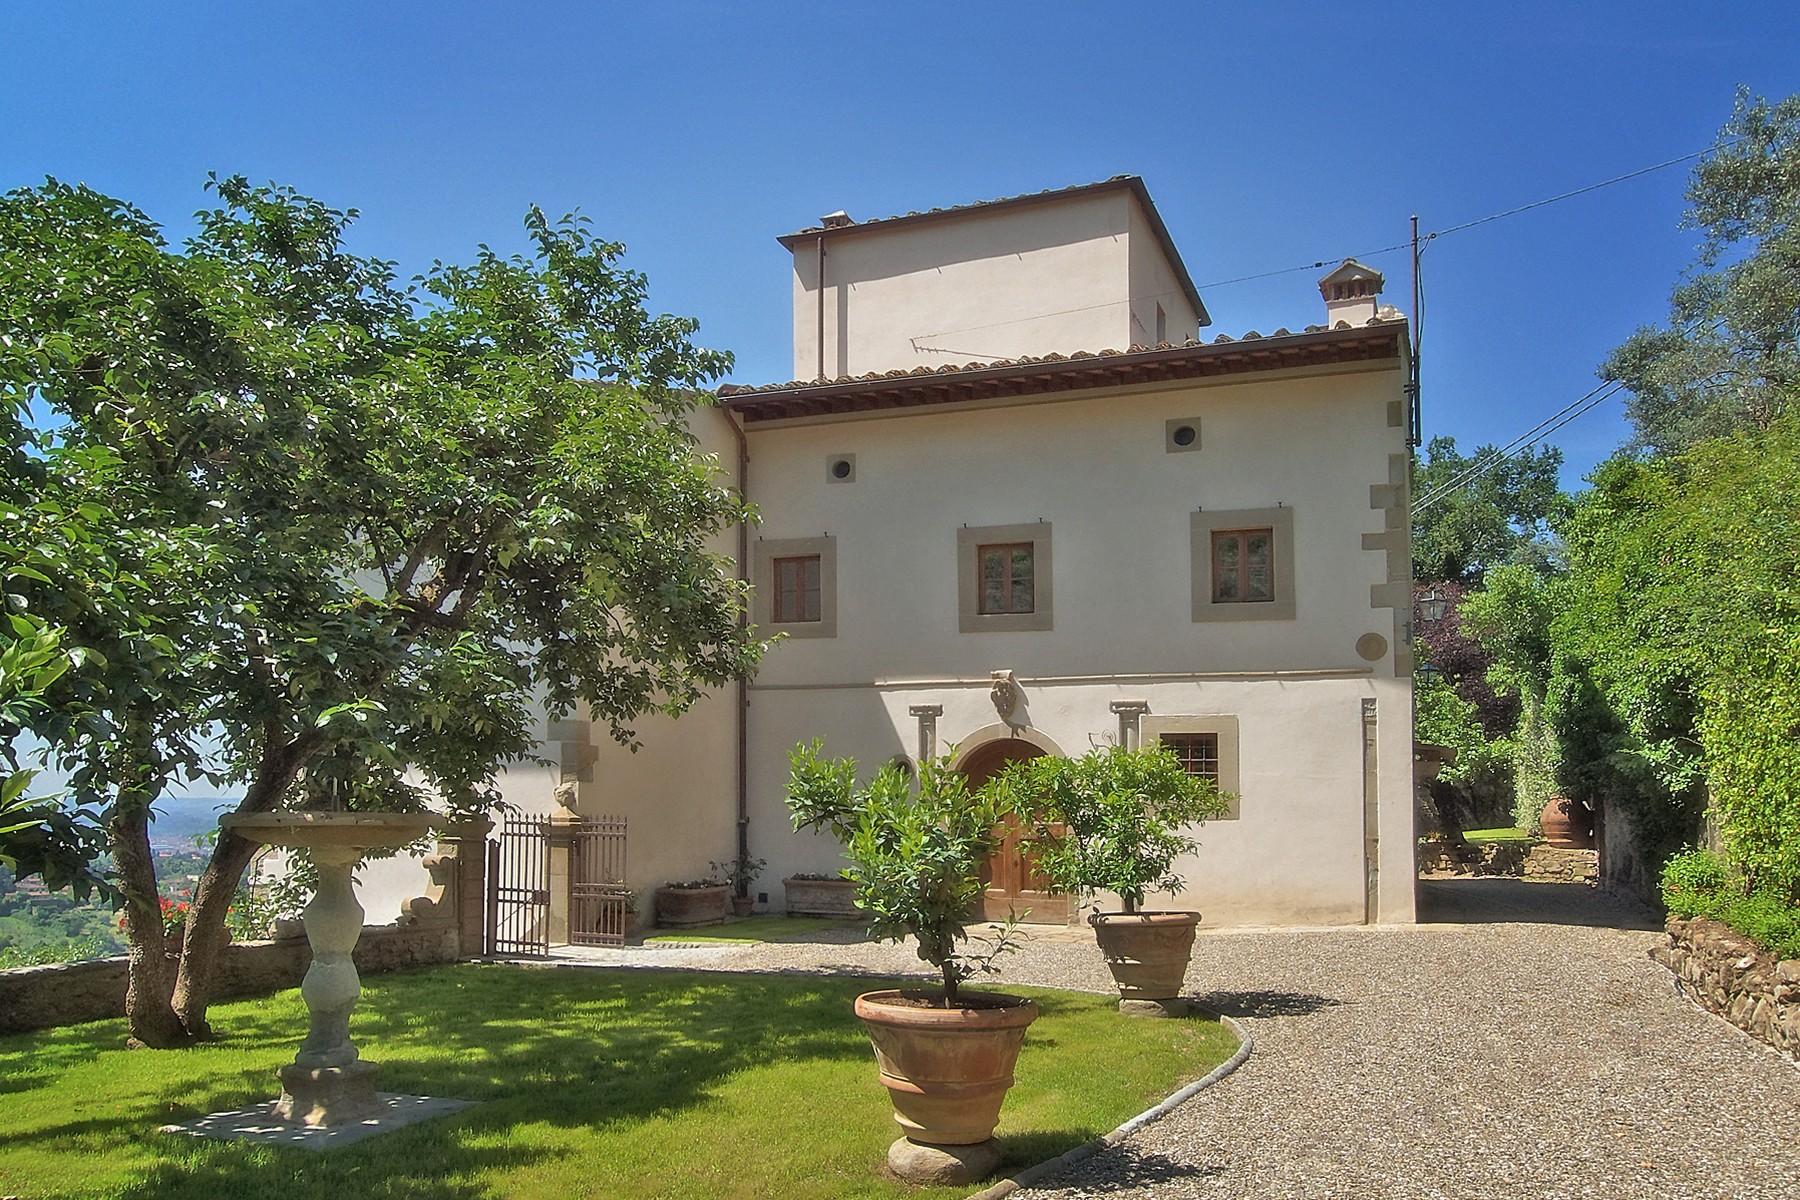 Villa in Vendita a Firenze: 5 locali, 618 mq - Foto 4